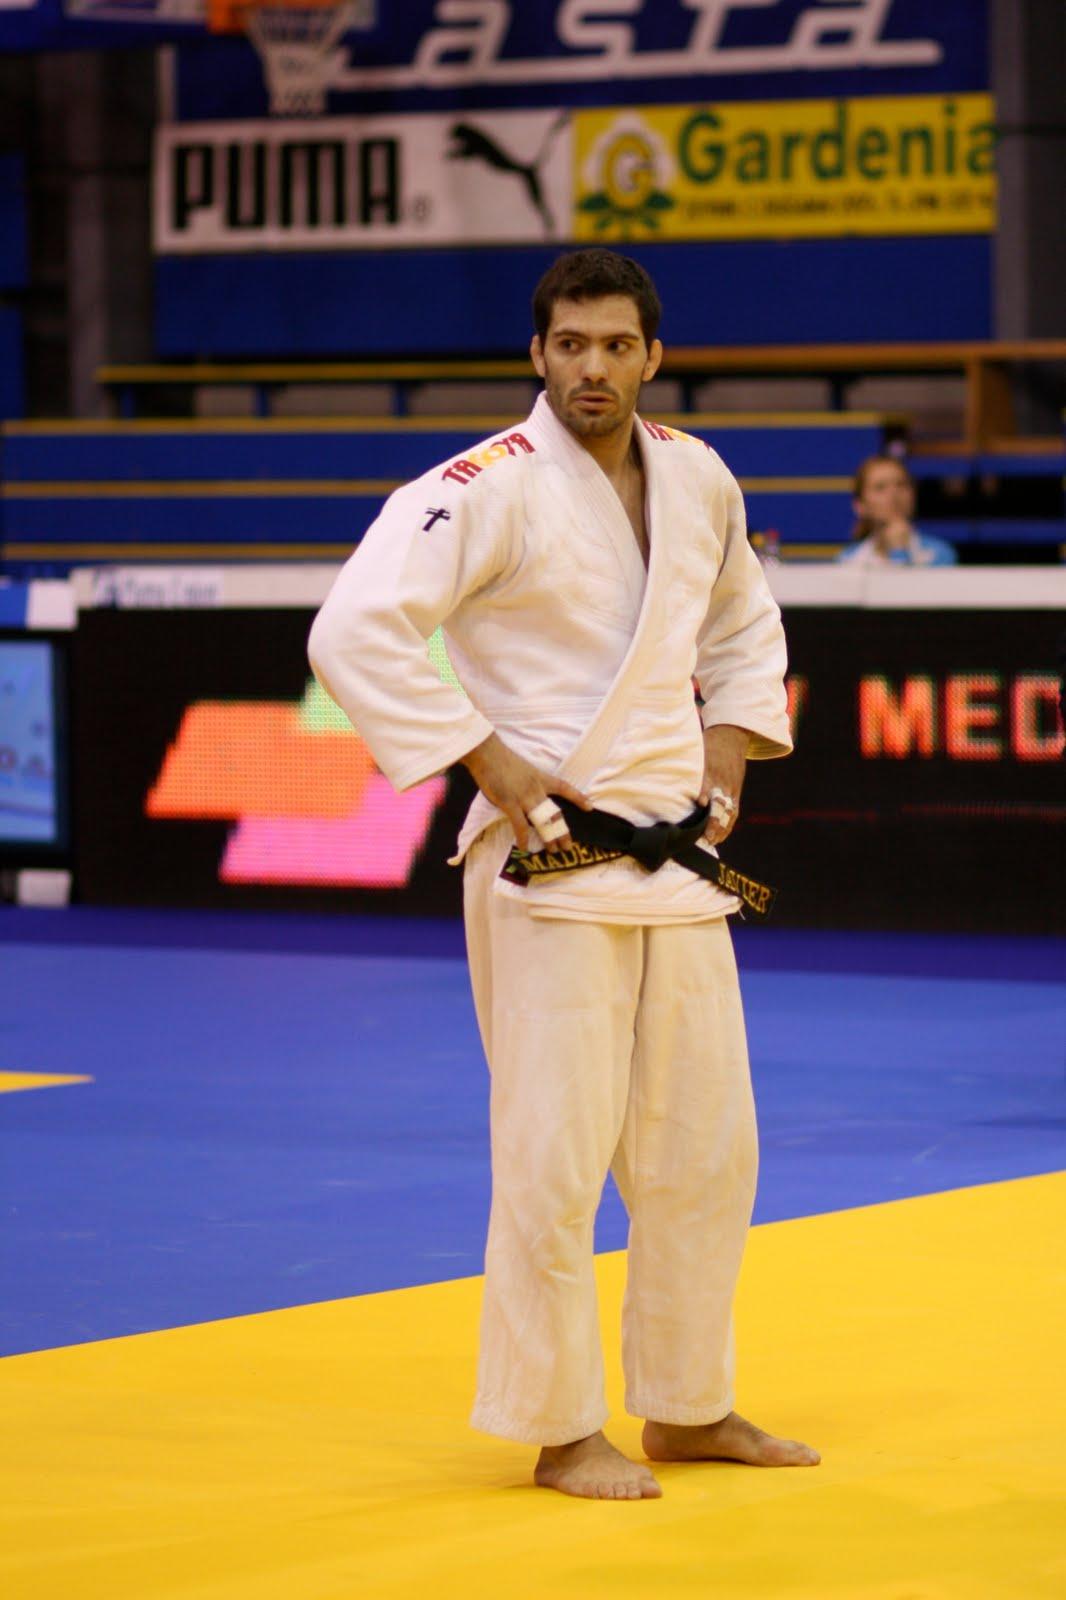 Judojaen javier madera debuta con el judokan valencia en - Maderas moral ...